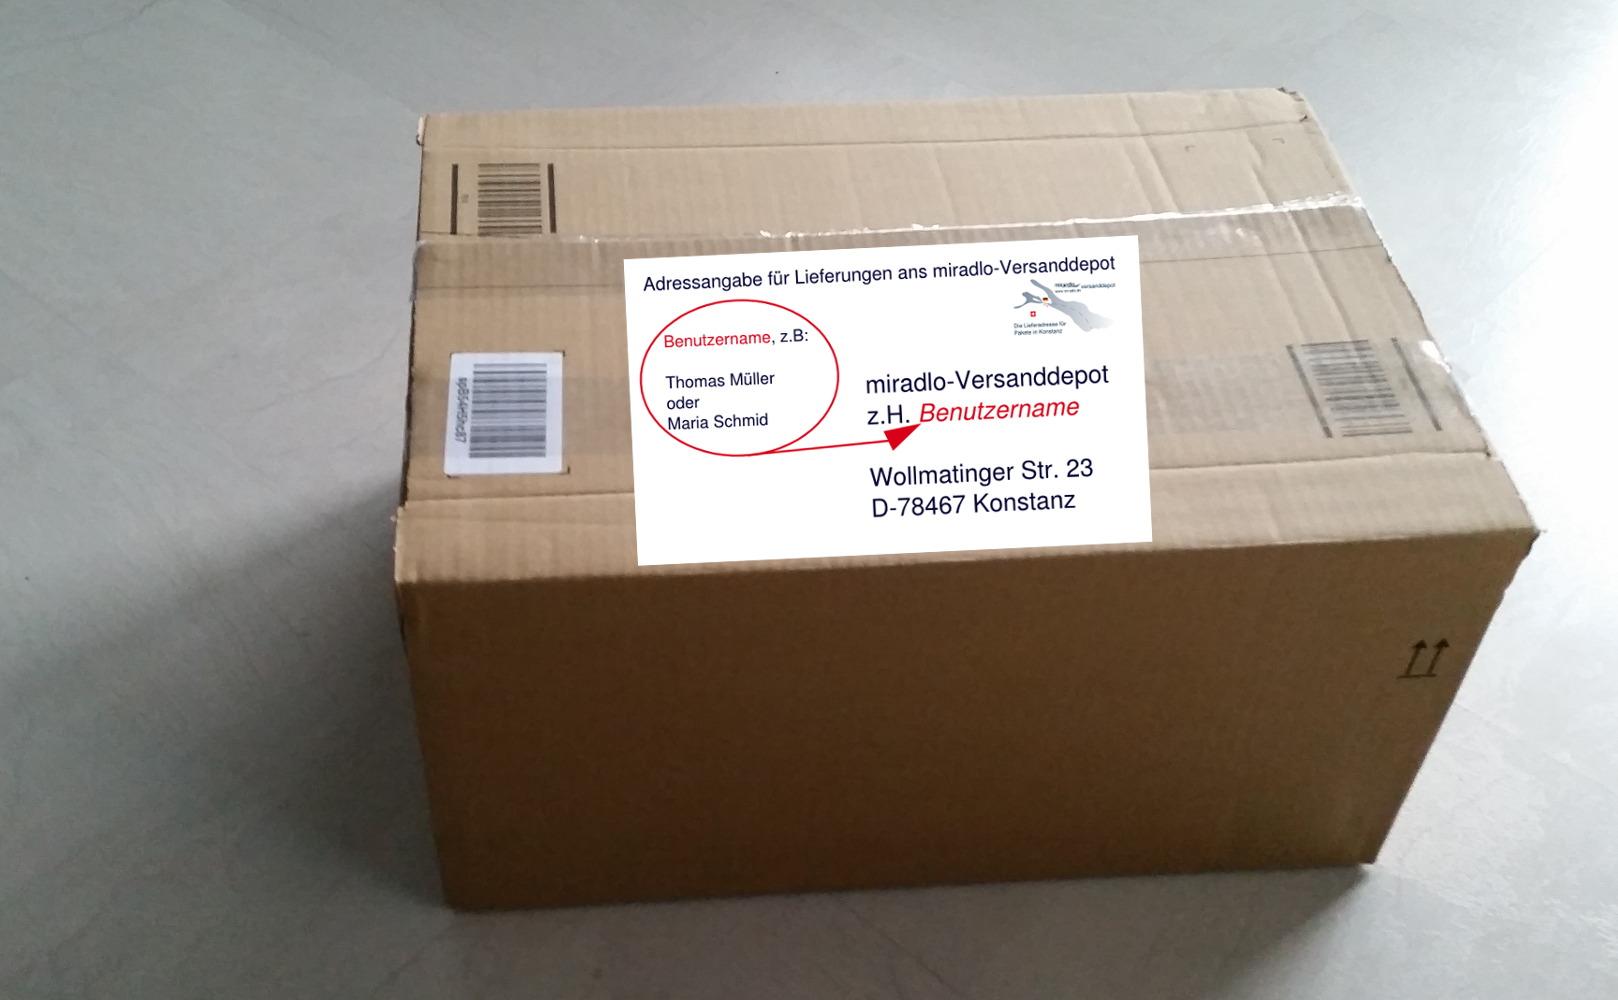 Paket mit Adressangaben - miradlo versanddepot - die Lieferadresse in Konstanz